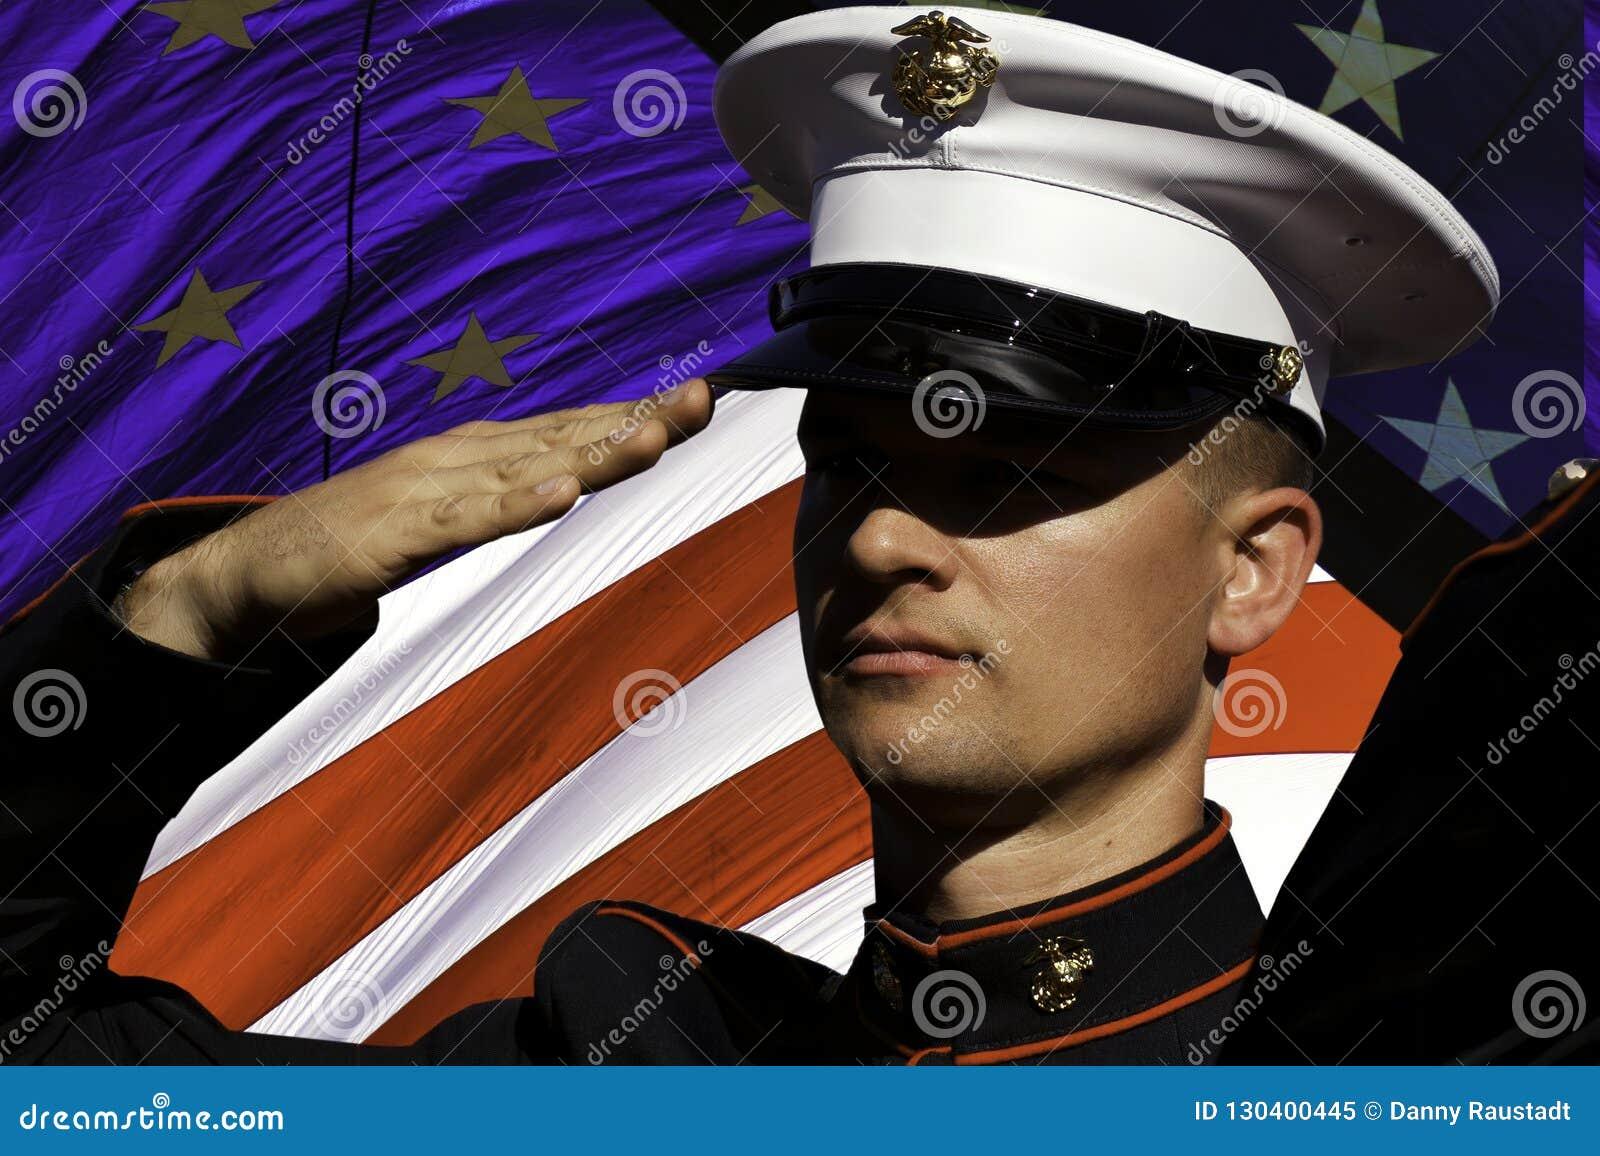 Салют дня ветеранов, вспоминает, и празднует